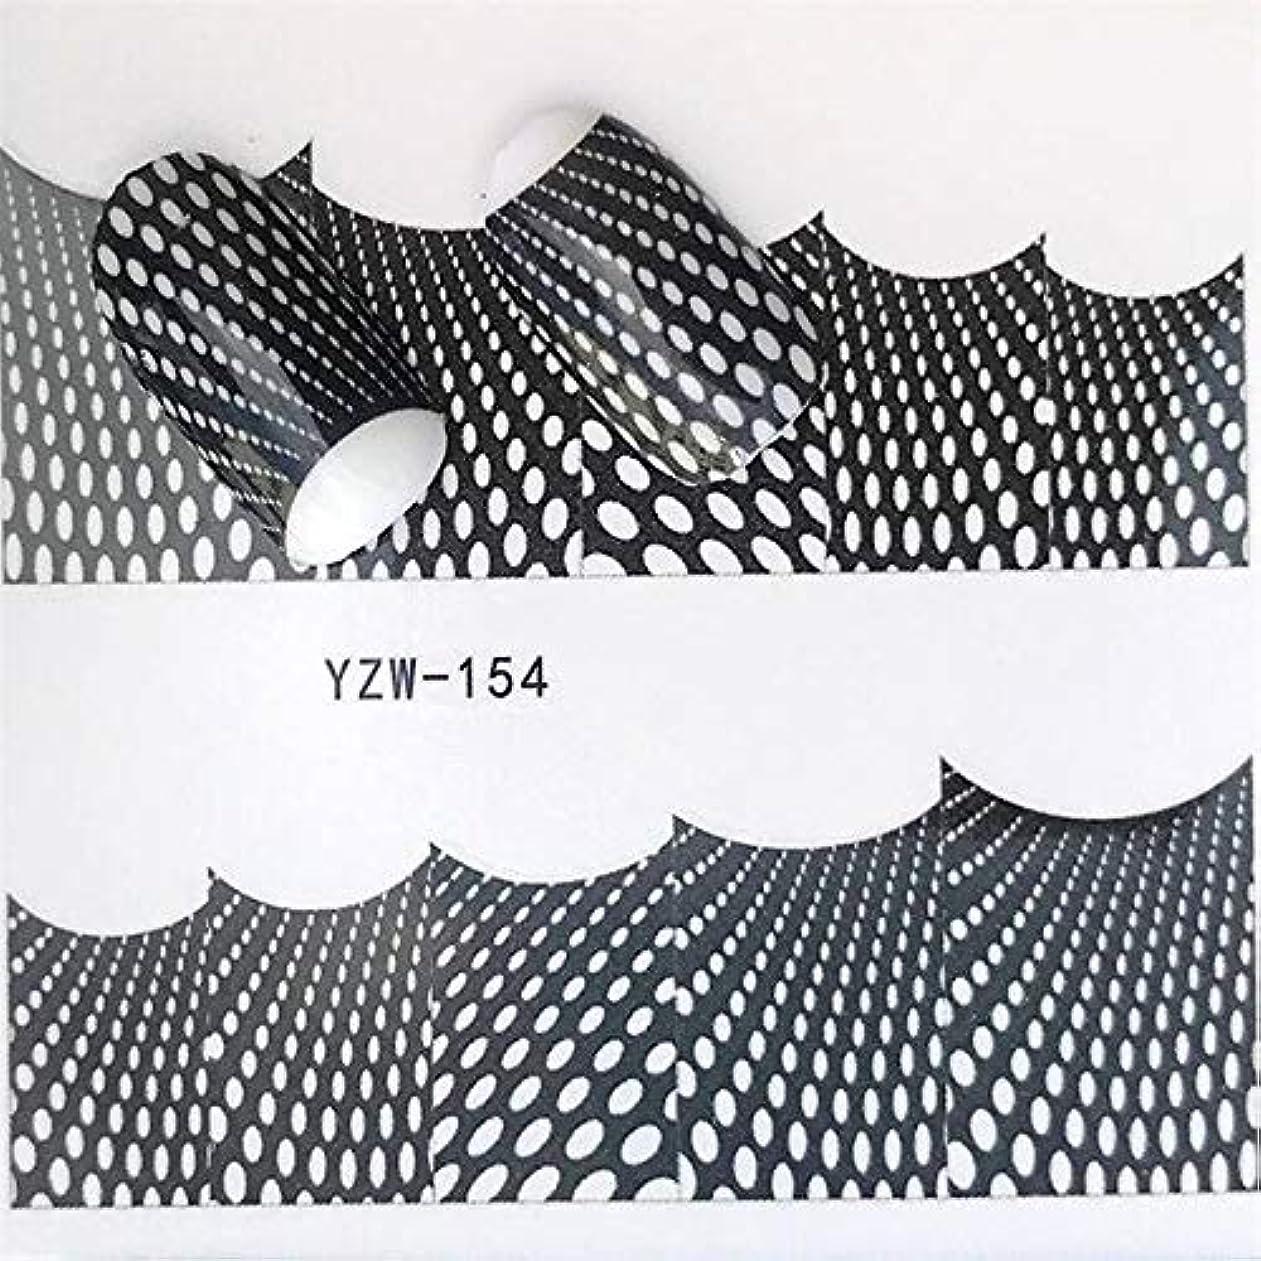 マージ発明アウターSUKTI&XIAO ネイルステッカー 32デザイン水彩ネイルデカールジオアニマルフラワーウォータートランスファーステッカーネイルラップ装飾のヒント